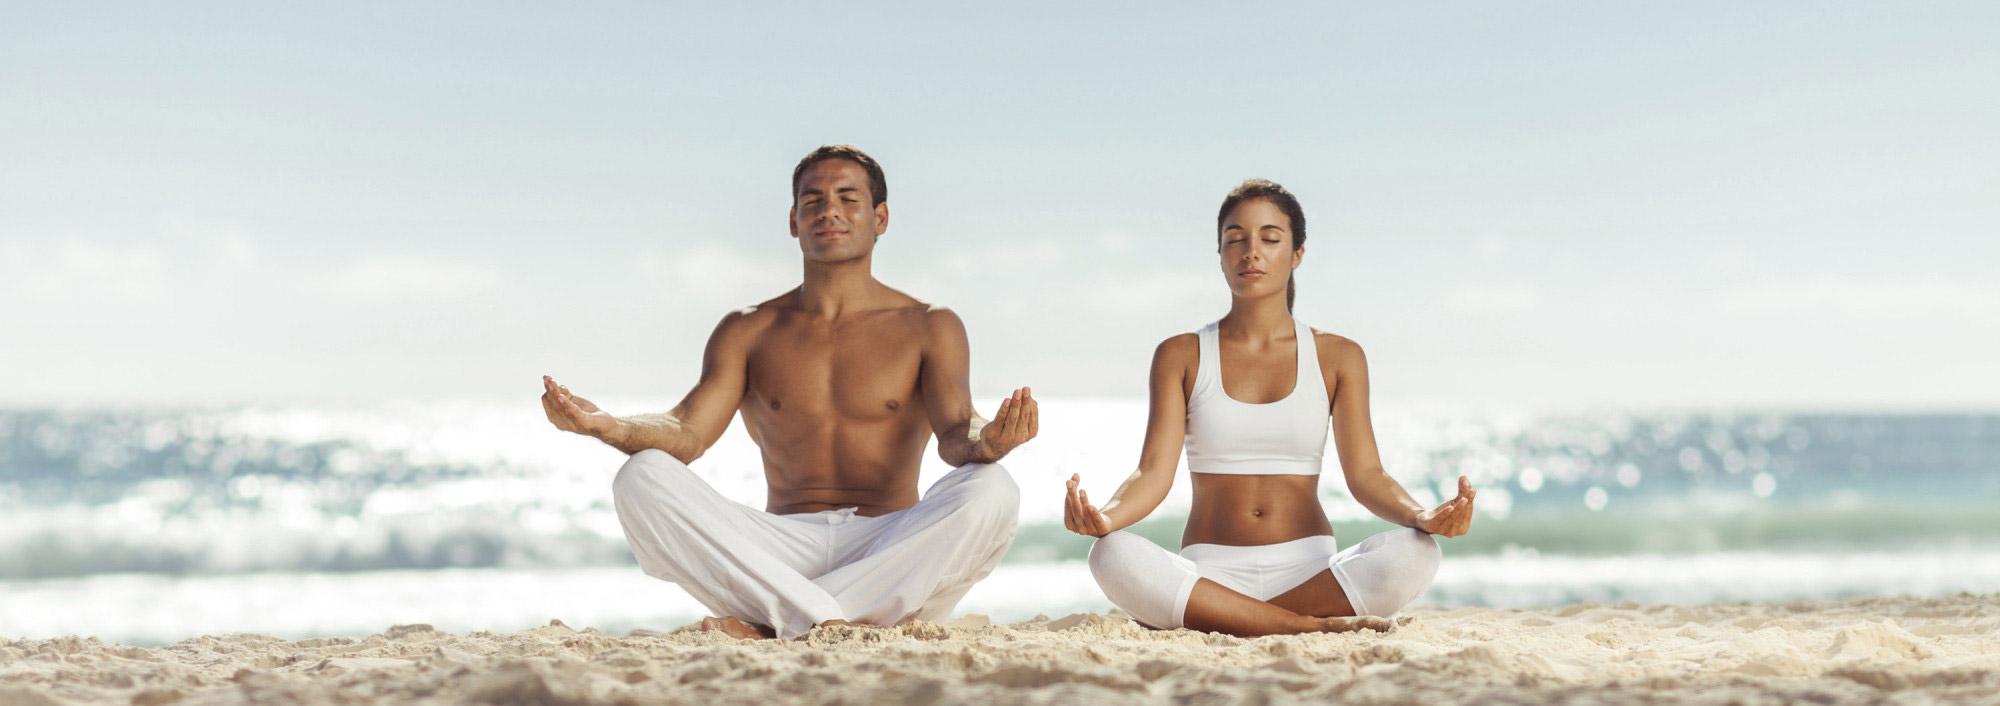 Воздушная йога. Польза йоги в воздухе